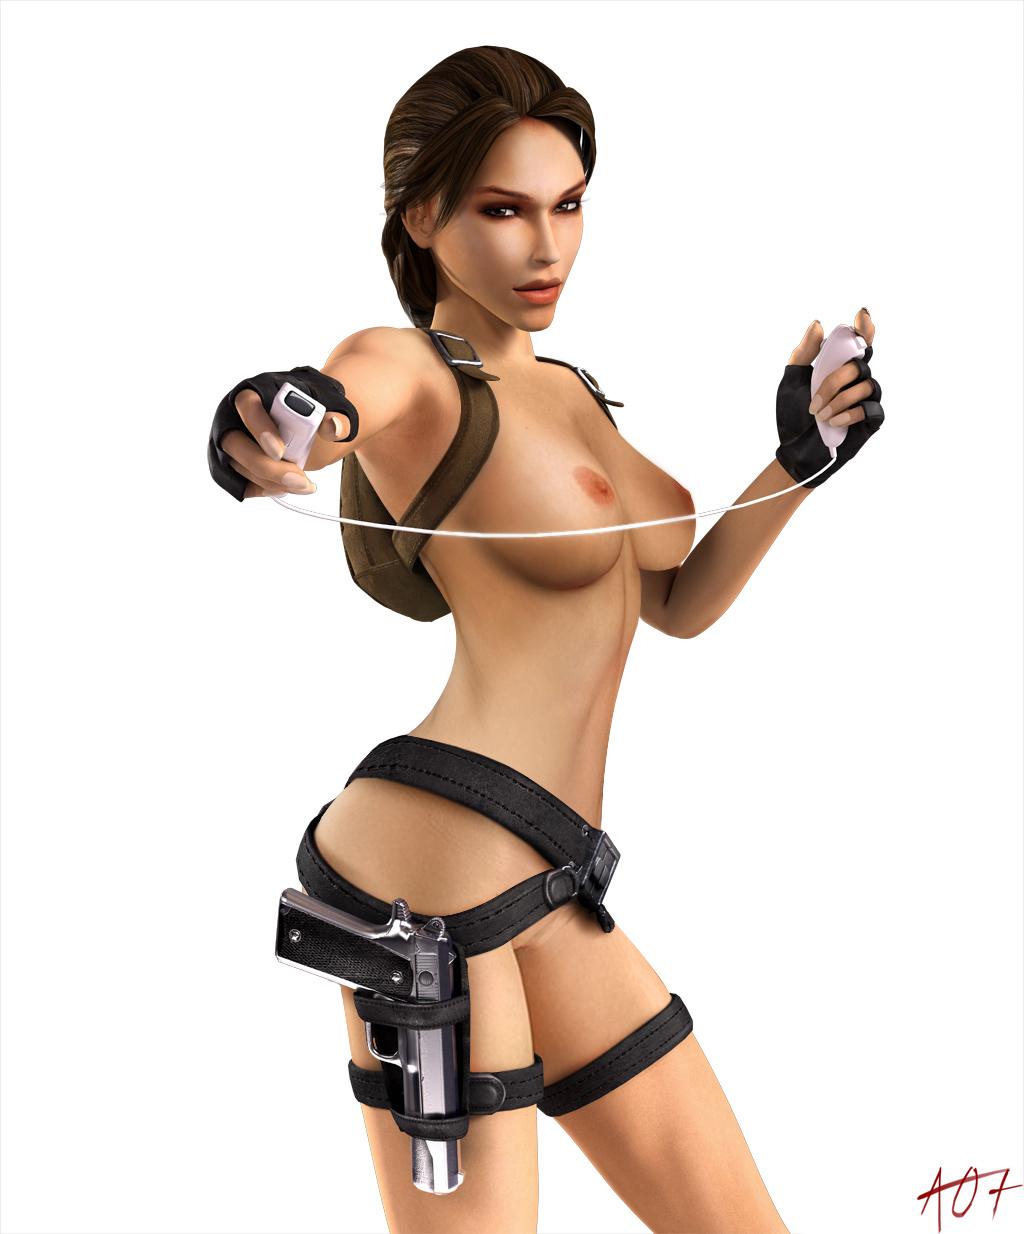 Lara croft 3d nude skin pics adult movie